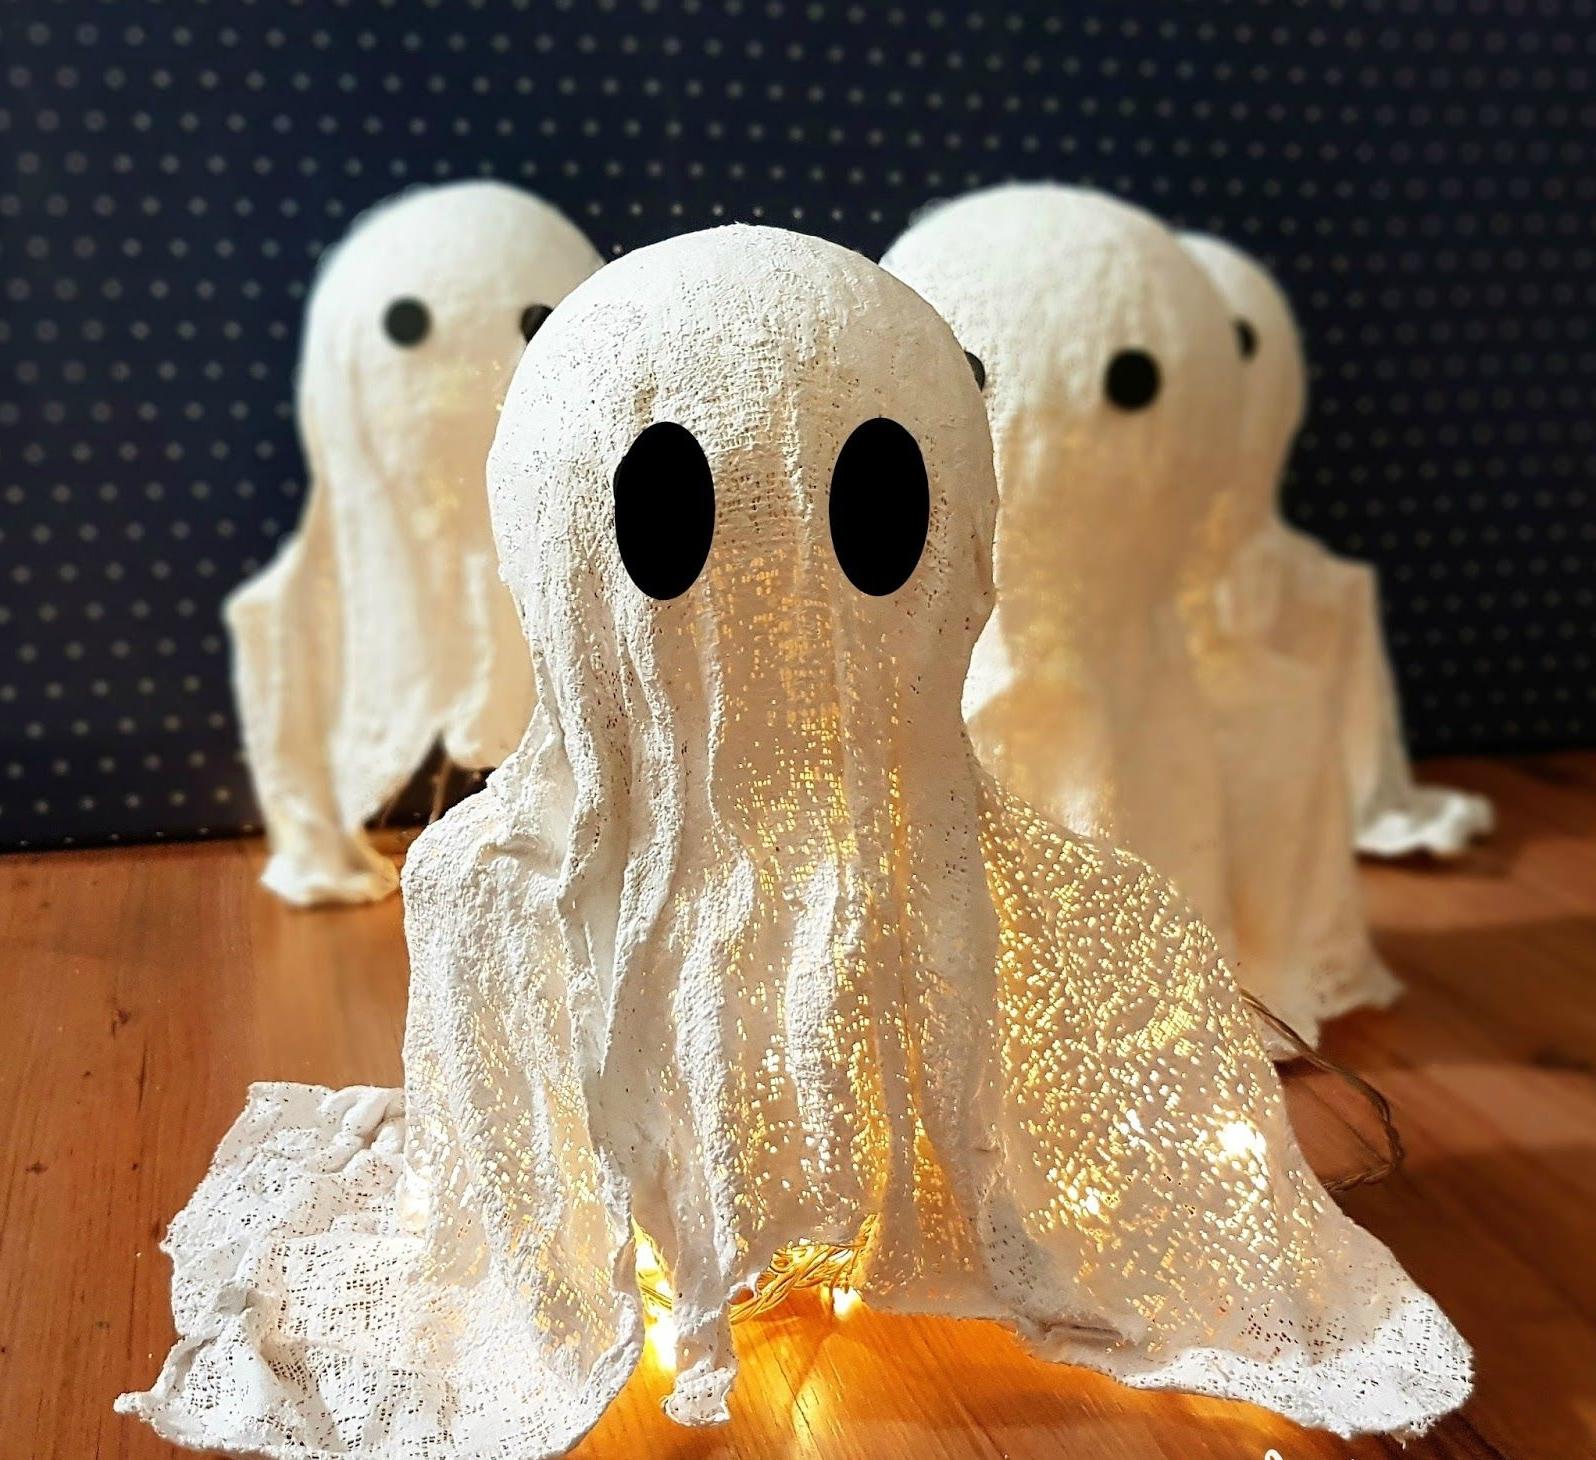 Un fantôme flottant - décoration à faire soi-même pour l'Halloween, idées et astuces